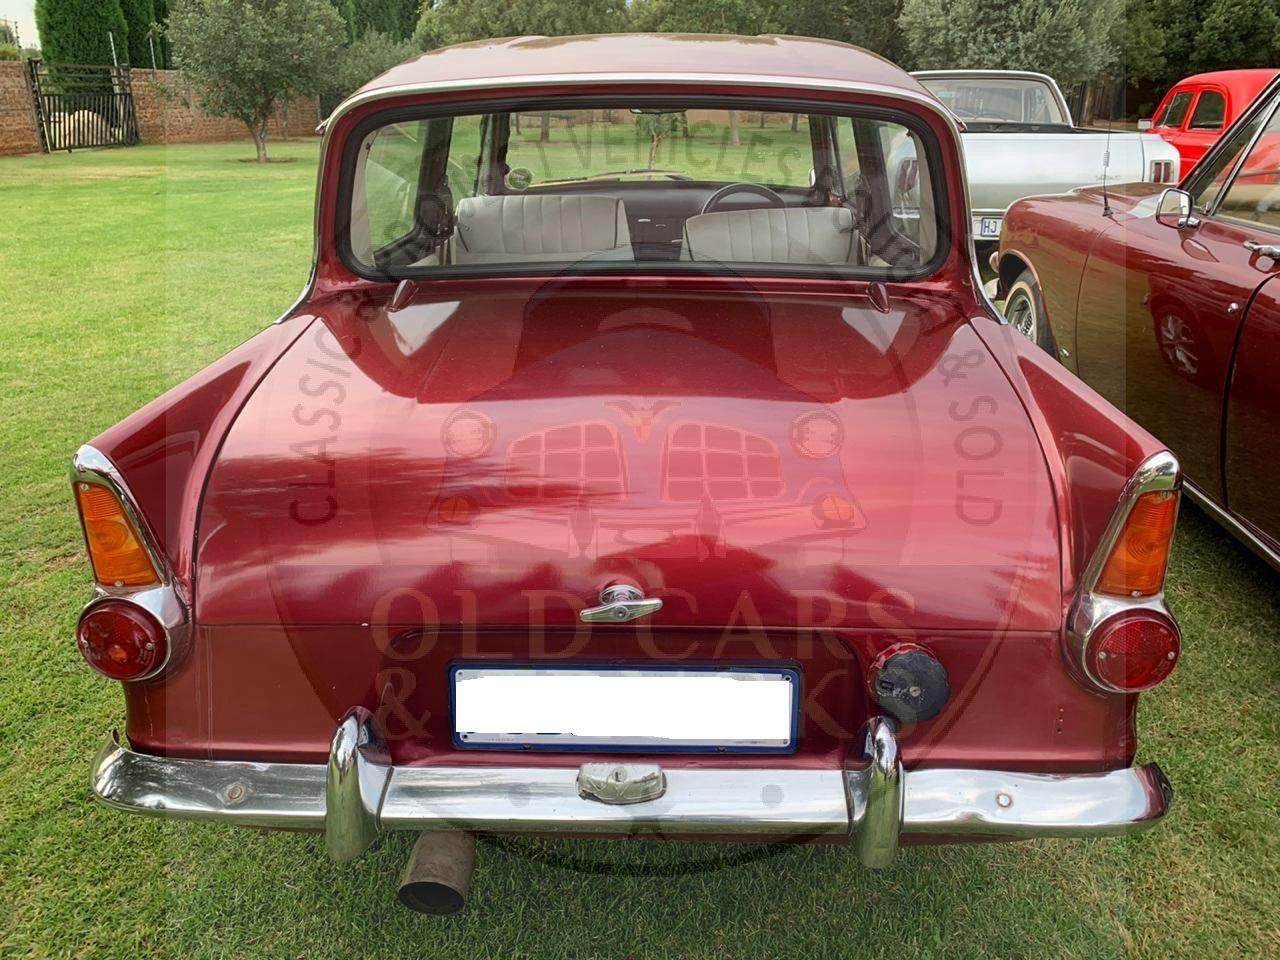 Anglia  with 1600cc Motor